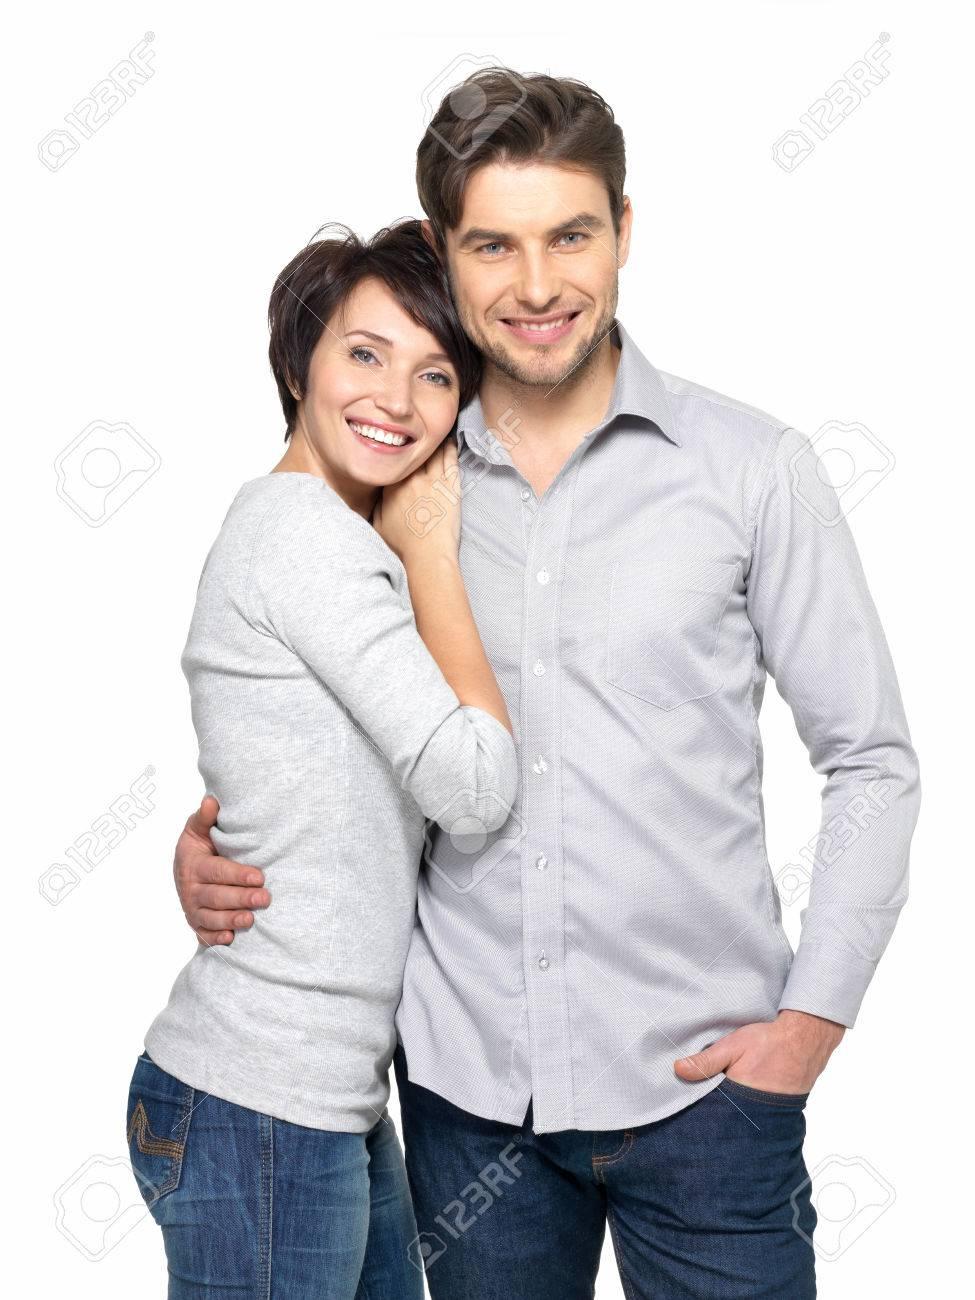 Частные объявления семейных пар 18 фотография